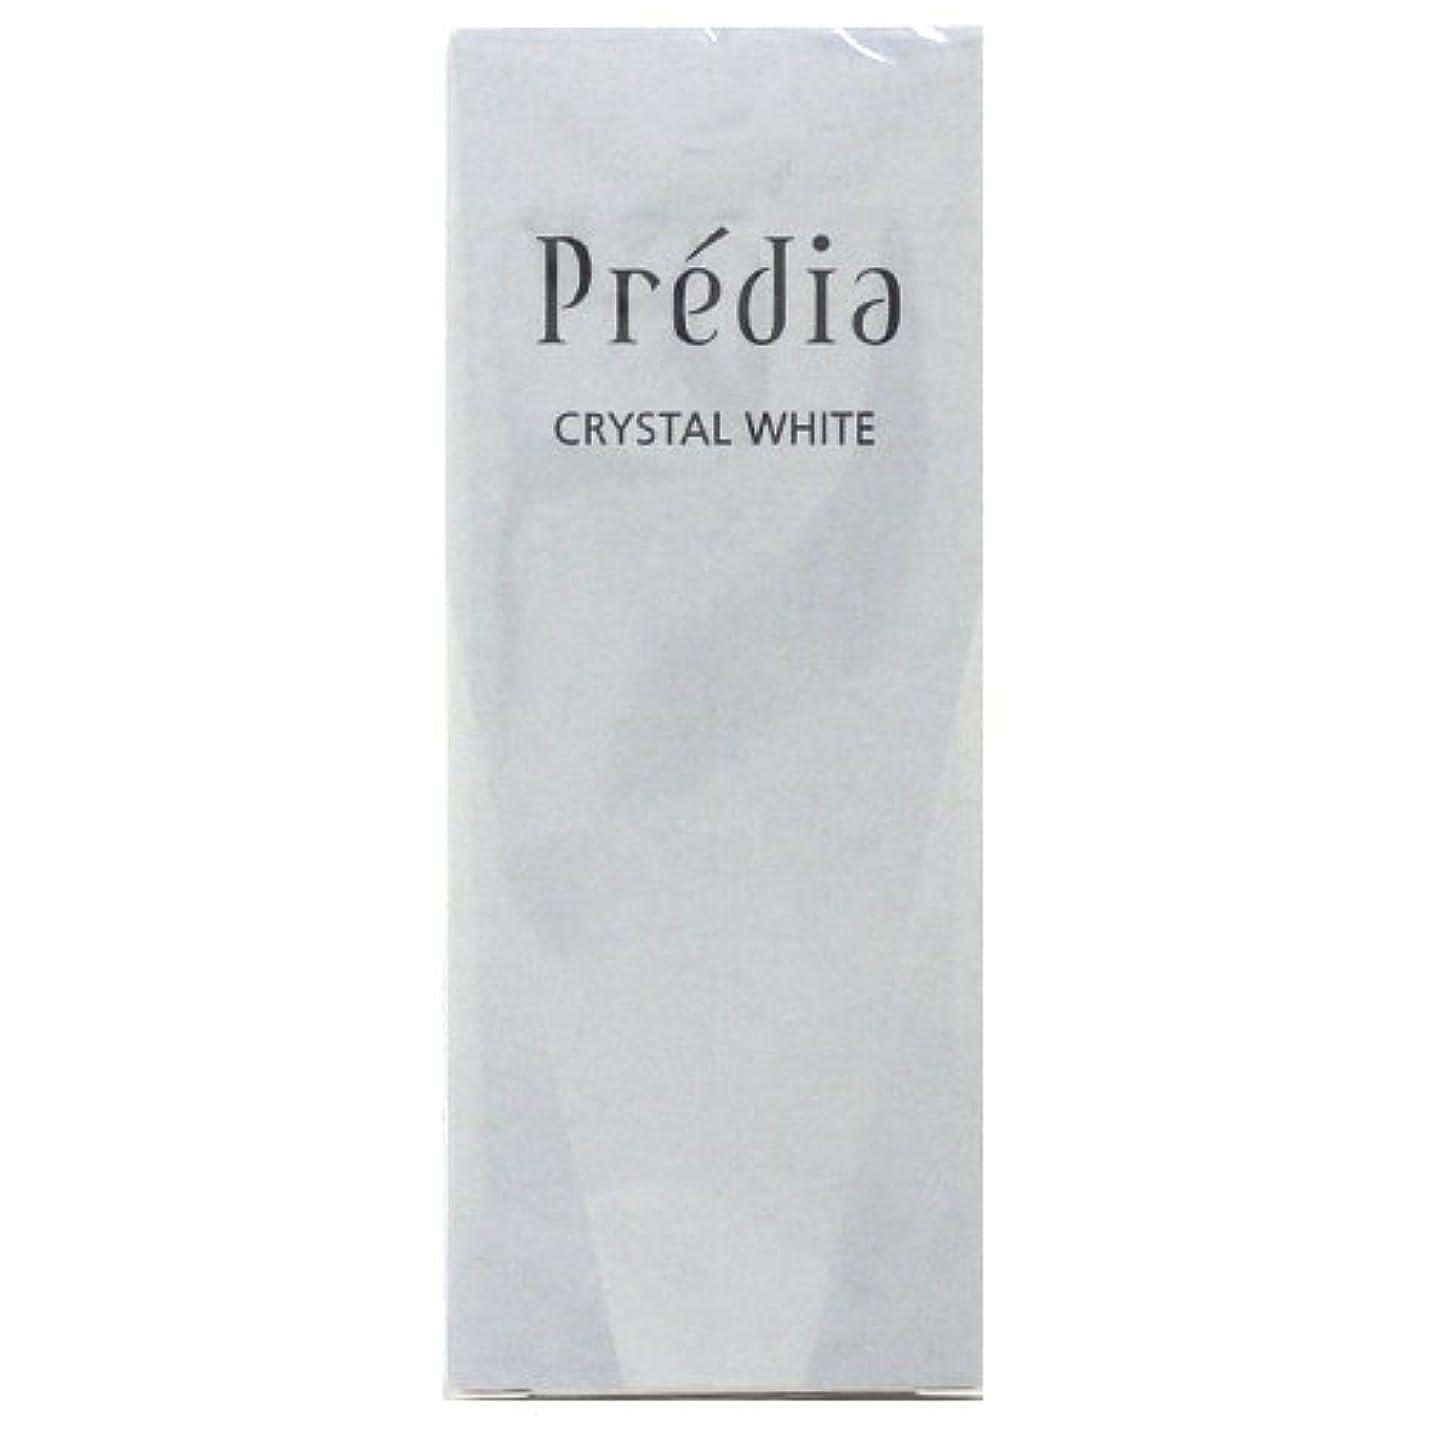 専門知識血色の良い雪のコーセー プレディア クリスタルホワイト 30mL